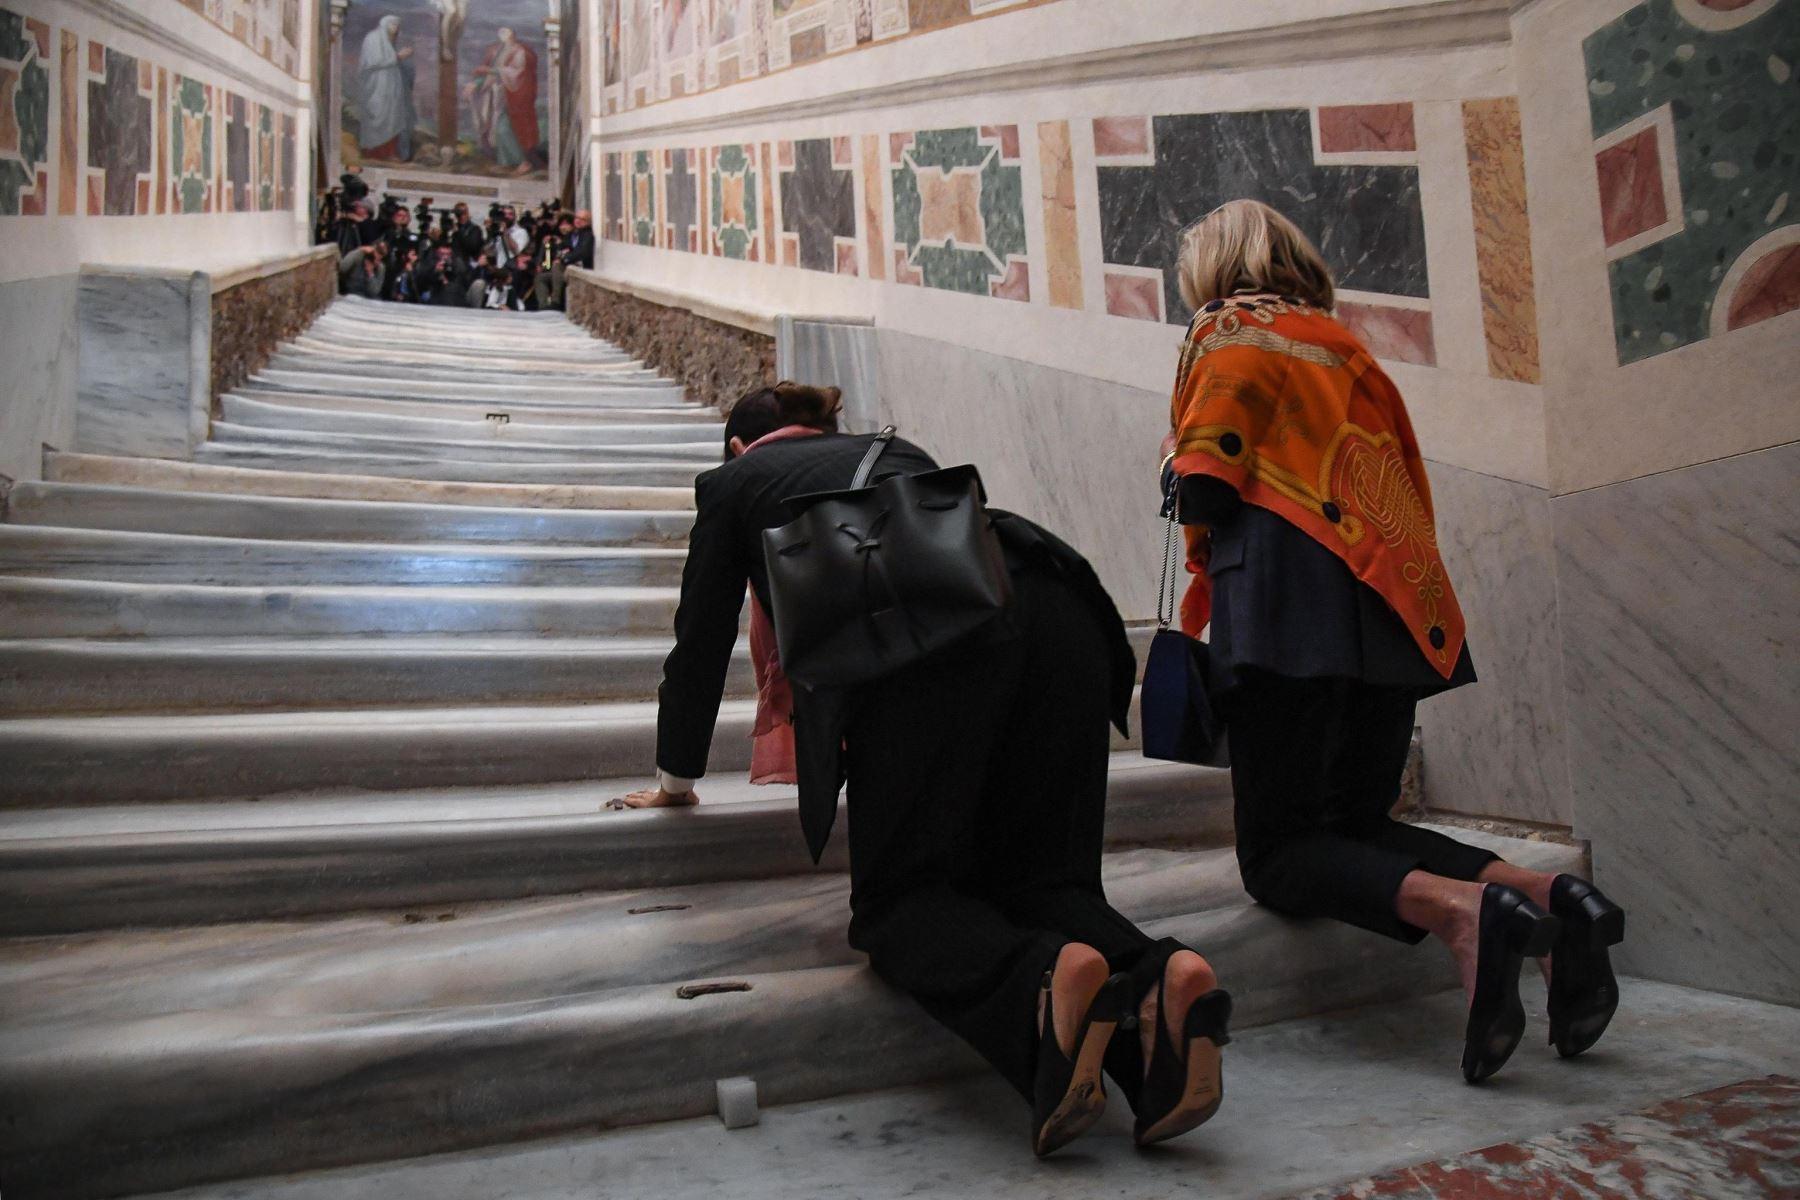 Dos mujeres asisten a la apertura extraordinaria de la Escalera Santa, este jueves en la Basílica de San Juan de Letrán, Roma (Italia). Foto: EFE